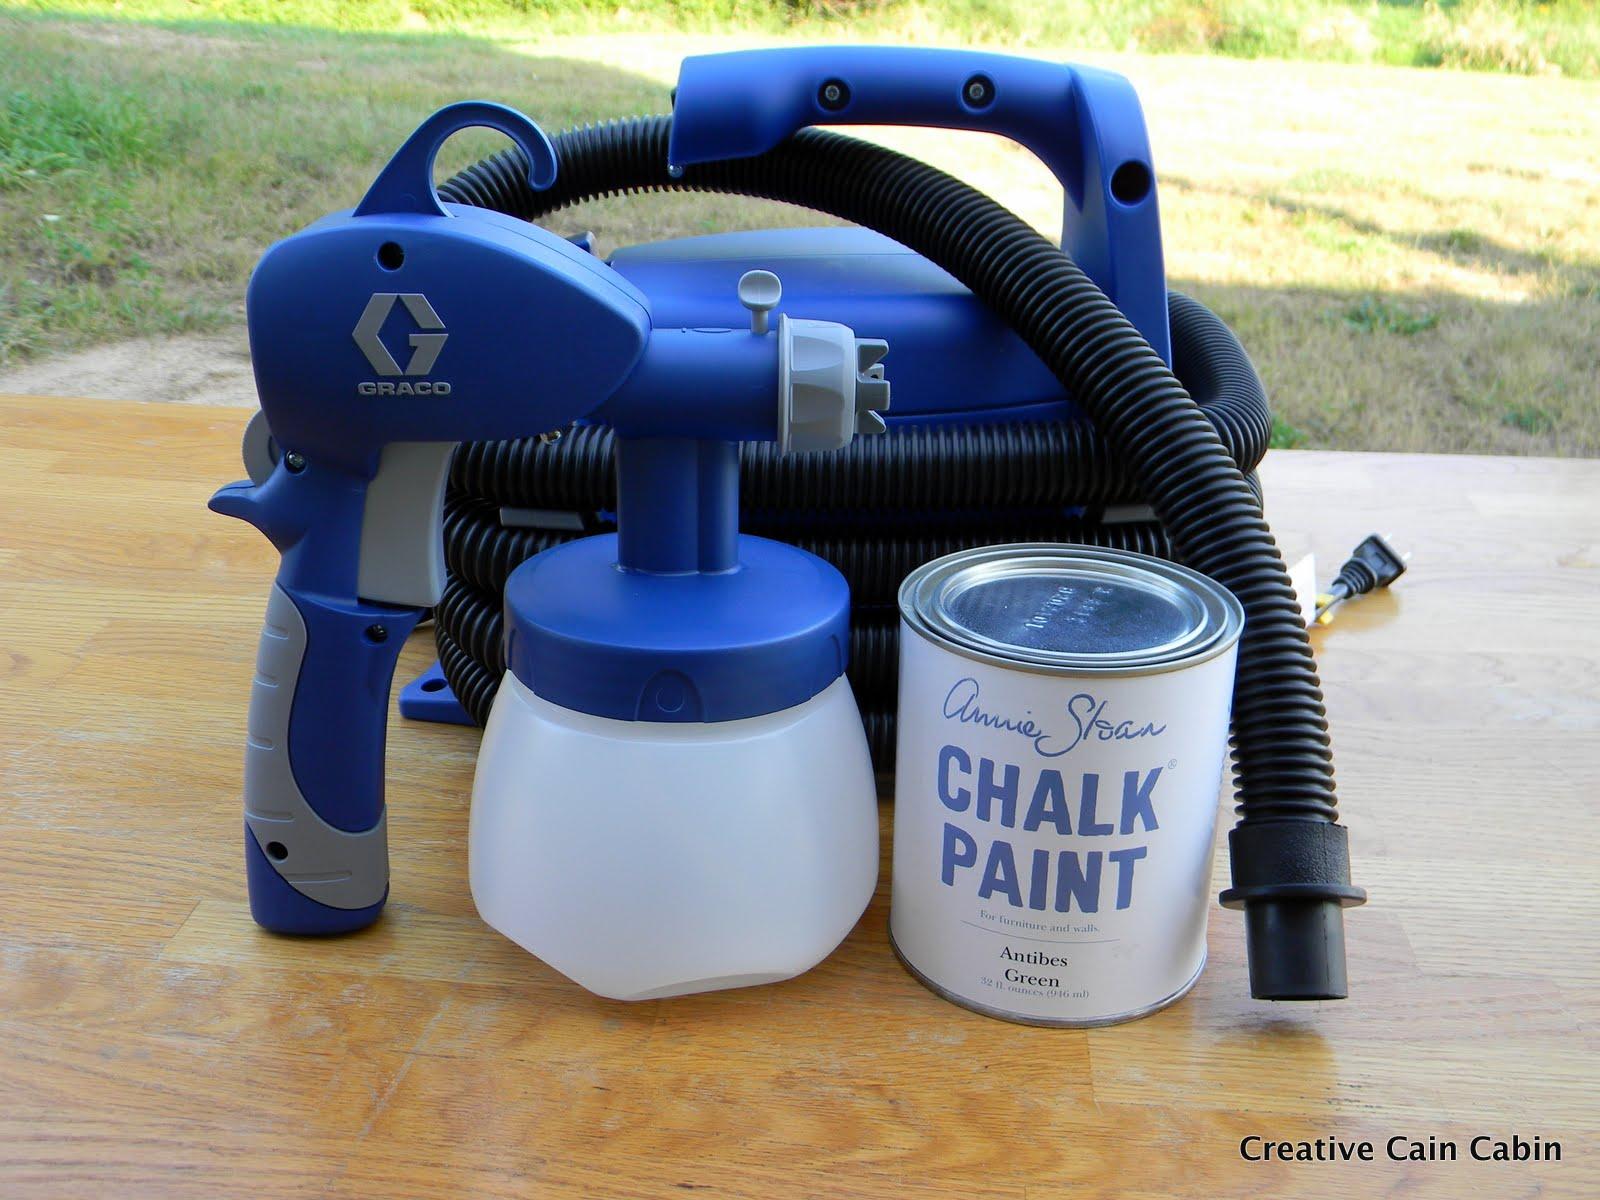 Annie Sloan Chalk Paint through a Sprayer - CREATIVE CAIN CABIN